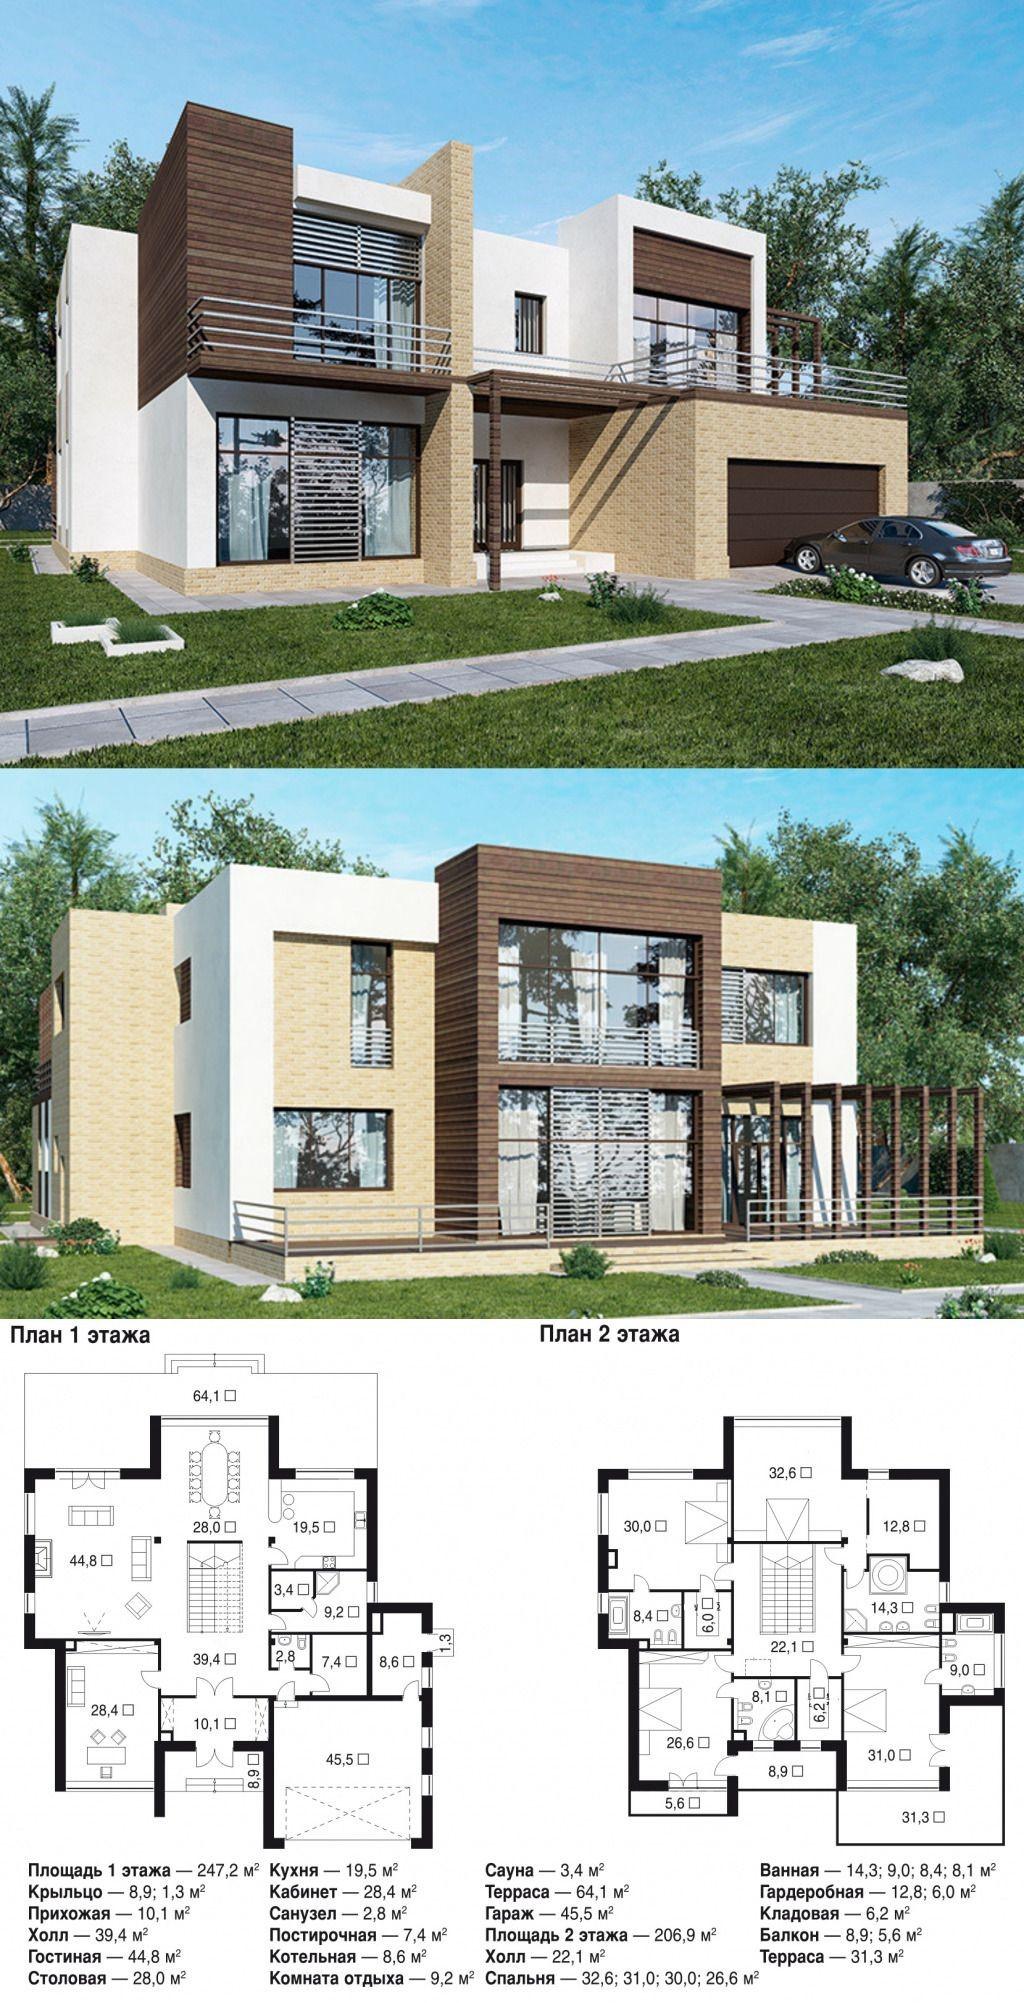 Villa De Luxe De Reve Et Les Plus Cheres Les Plus Belles Maisons Avec Piscine Plan Architecture Maison Plan Maison Architecte Plan Maison Moderne